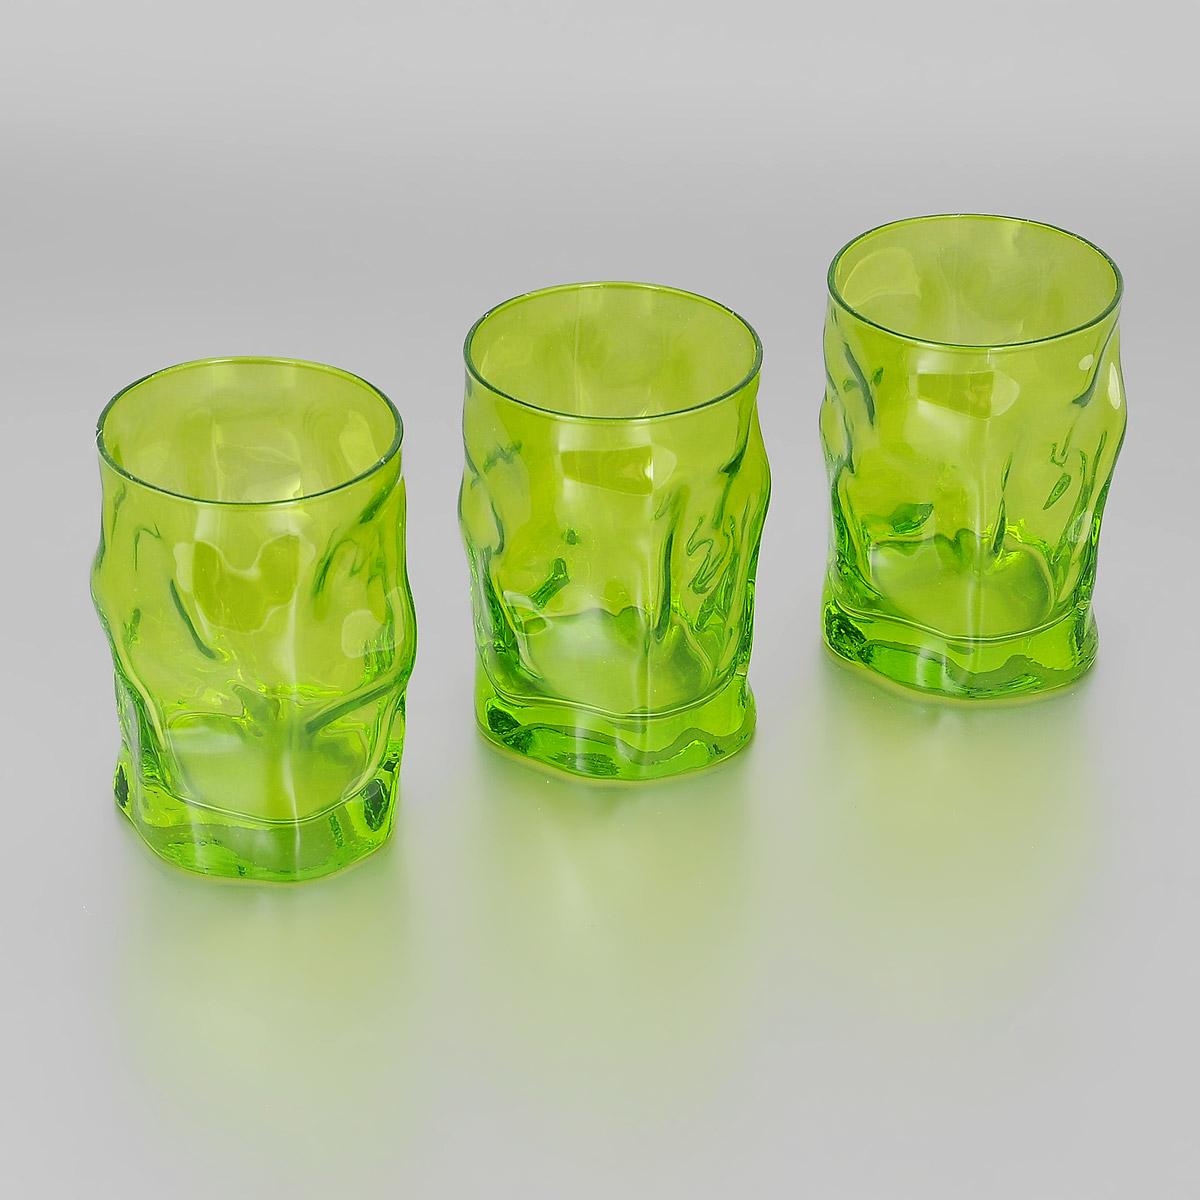 Набор стаканов Bormioli Rocco Sorgente Multicolor, цвет: зеленый, 300 мл, 3 шт340420Q04021591Набор Bormioli Rocco Sorgente Multicolor, выполненный из стекла, состоит из 3 низких стаканов. Стаканы предназначены для подачи холодных напитков. Изделия имеют оригинальный дизайн и толстое дно. Благодаря такому набору пить напитки будет еще вкуснее.Стаканы Bormioli Rocco Sorgente Multicolor станут идеальным украшением праздничного стола и отличным подарком к любому празднику. С 1825 года компания Bormioli Rocco производит высококачественную посуду из стекла. На сегодняшний день это мировой лидер на рынке производства стеклянных изделий. Ассортимент, предлагаемый Bormioli Rocco необычайно широк - это бокалы, фужеры, рюмки, графины, кувшины, банки для сыпучих продуктов и консервирования, тарелки, салатники, чашки, контейнеры различных емкостей, предназначенные для хранения продуктов в холодильниках и морозильных камерах и т.д. Стекло сочетает в себе передовые технологии и традиционно высокое качество.